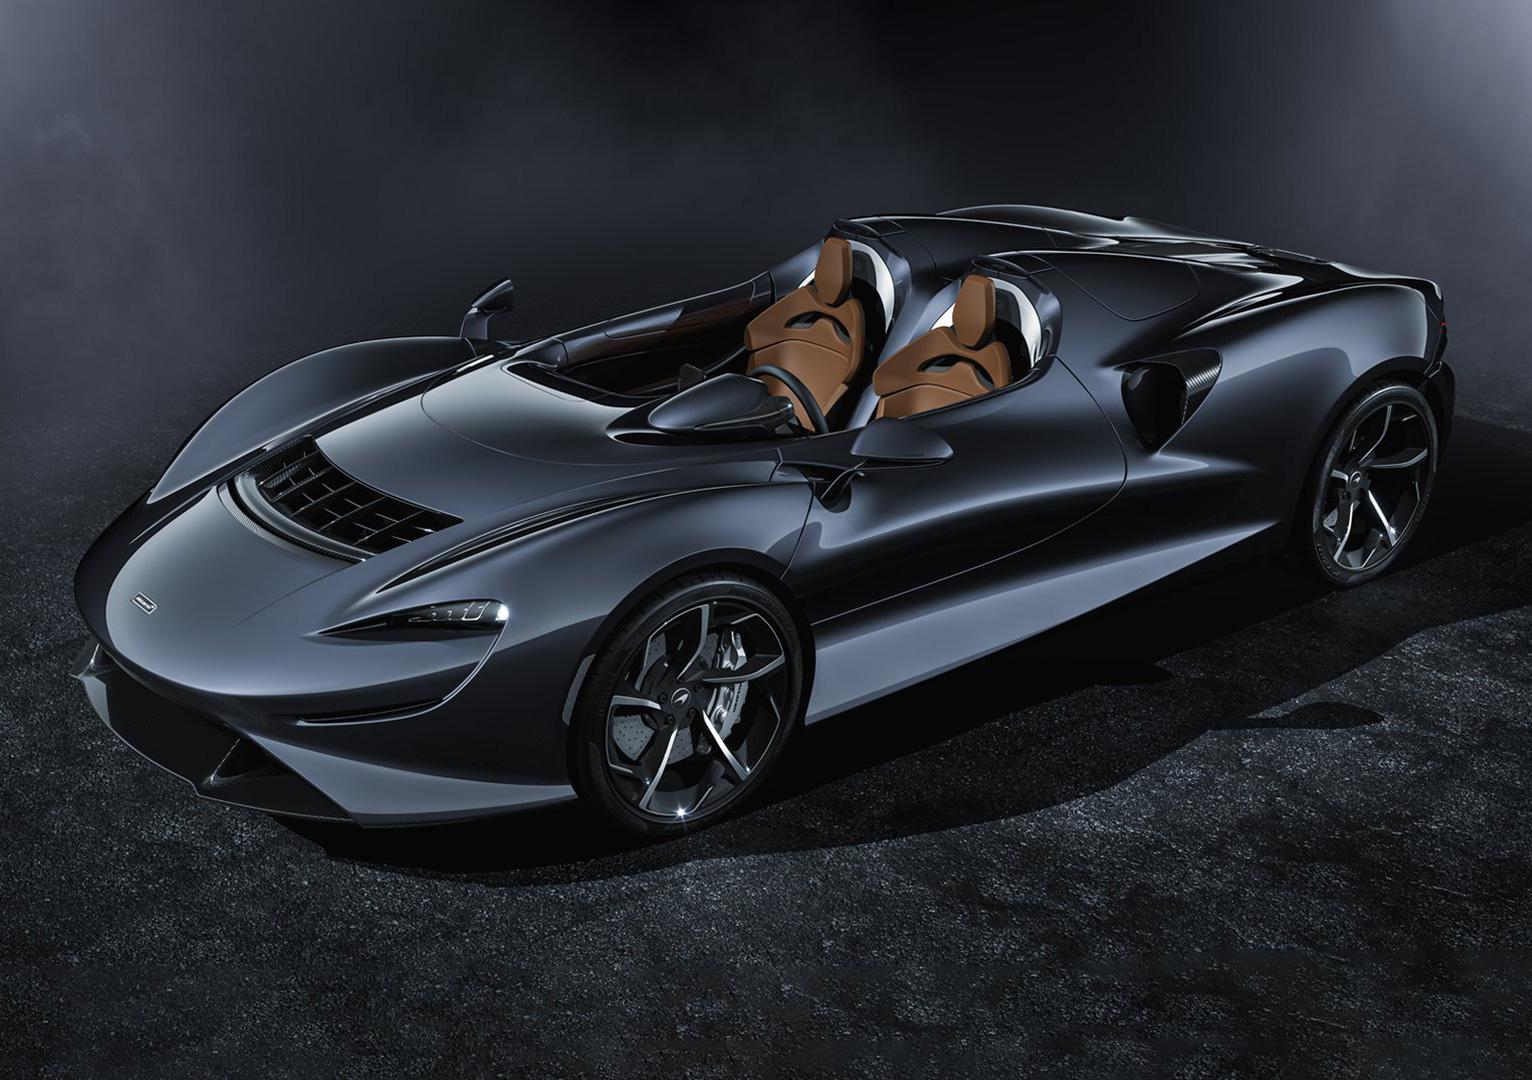 The McLaren Elva Goes Topless with 800-Horses at werd.com